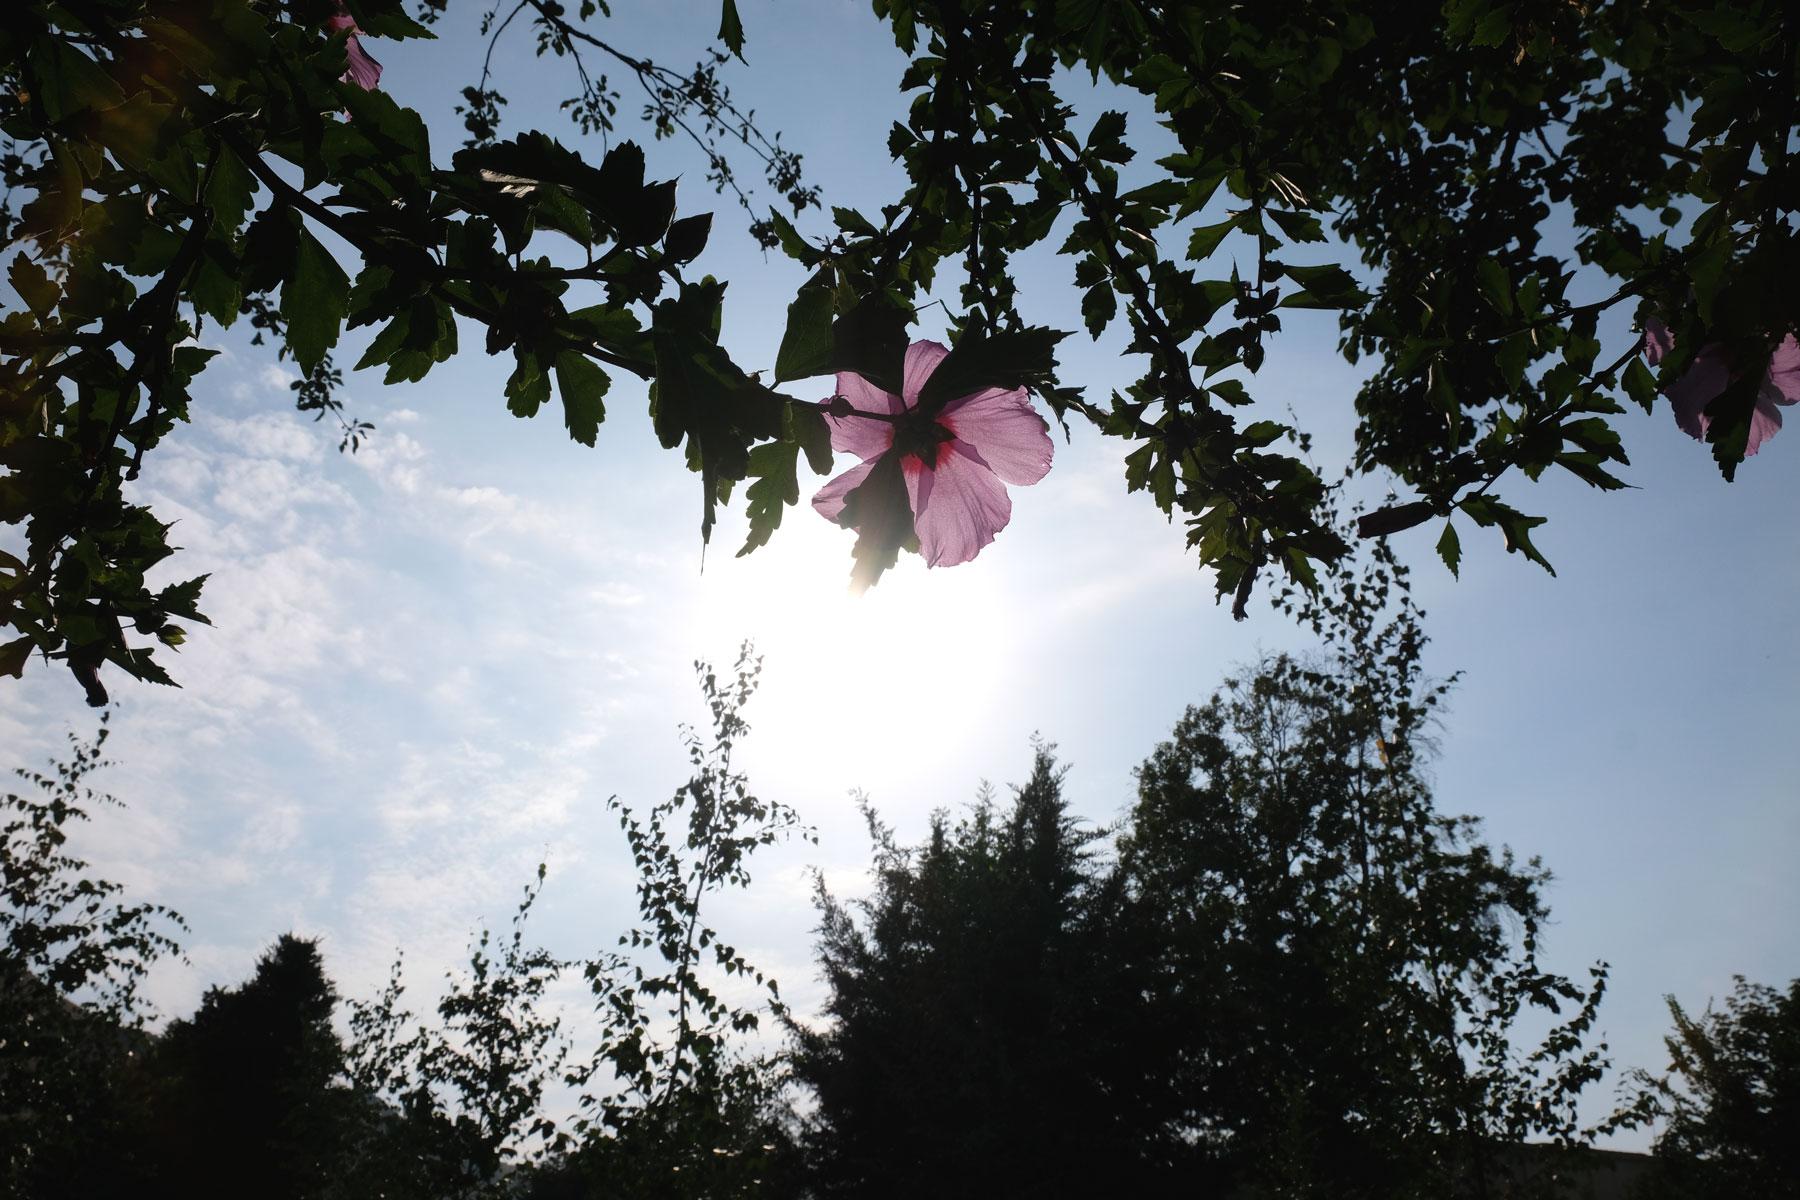 Sommer, Sonne, Blumen